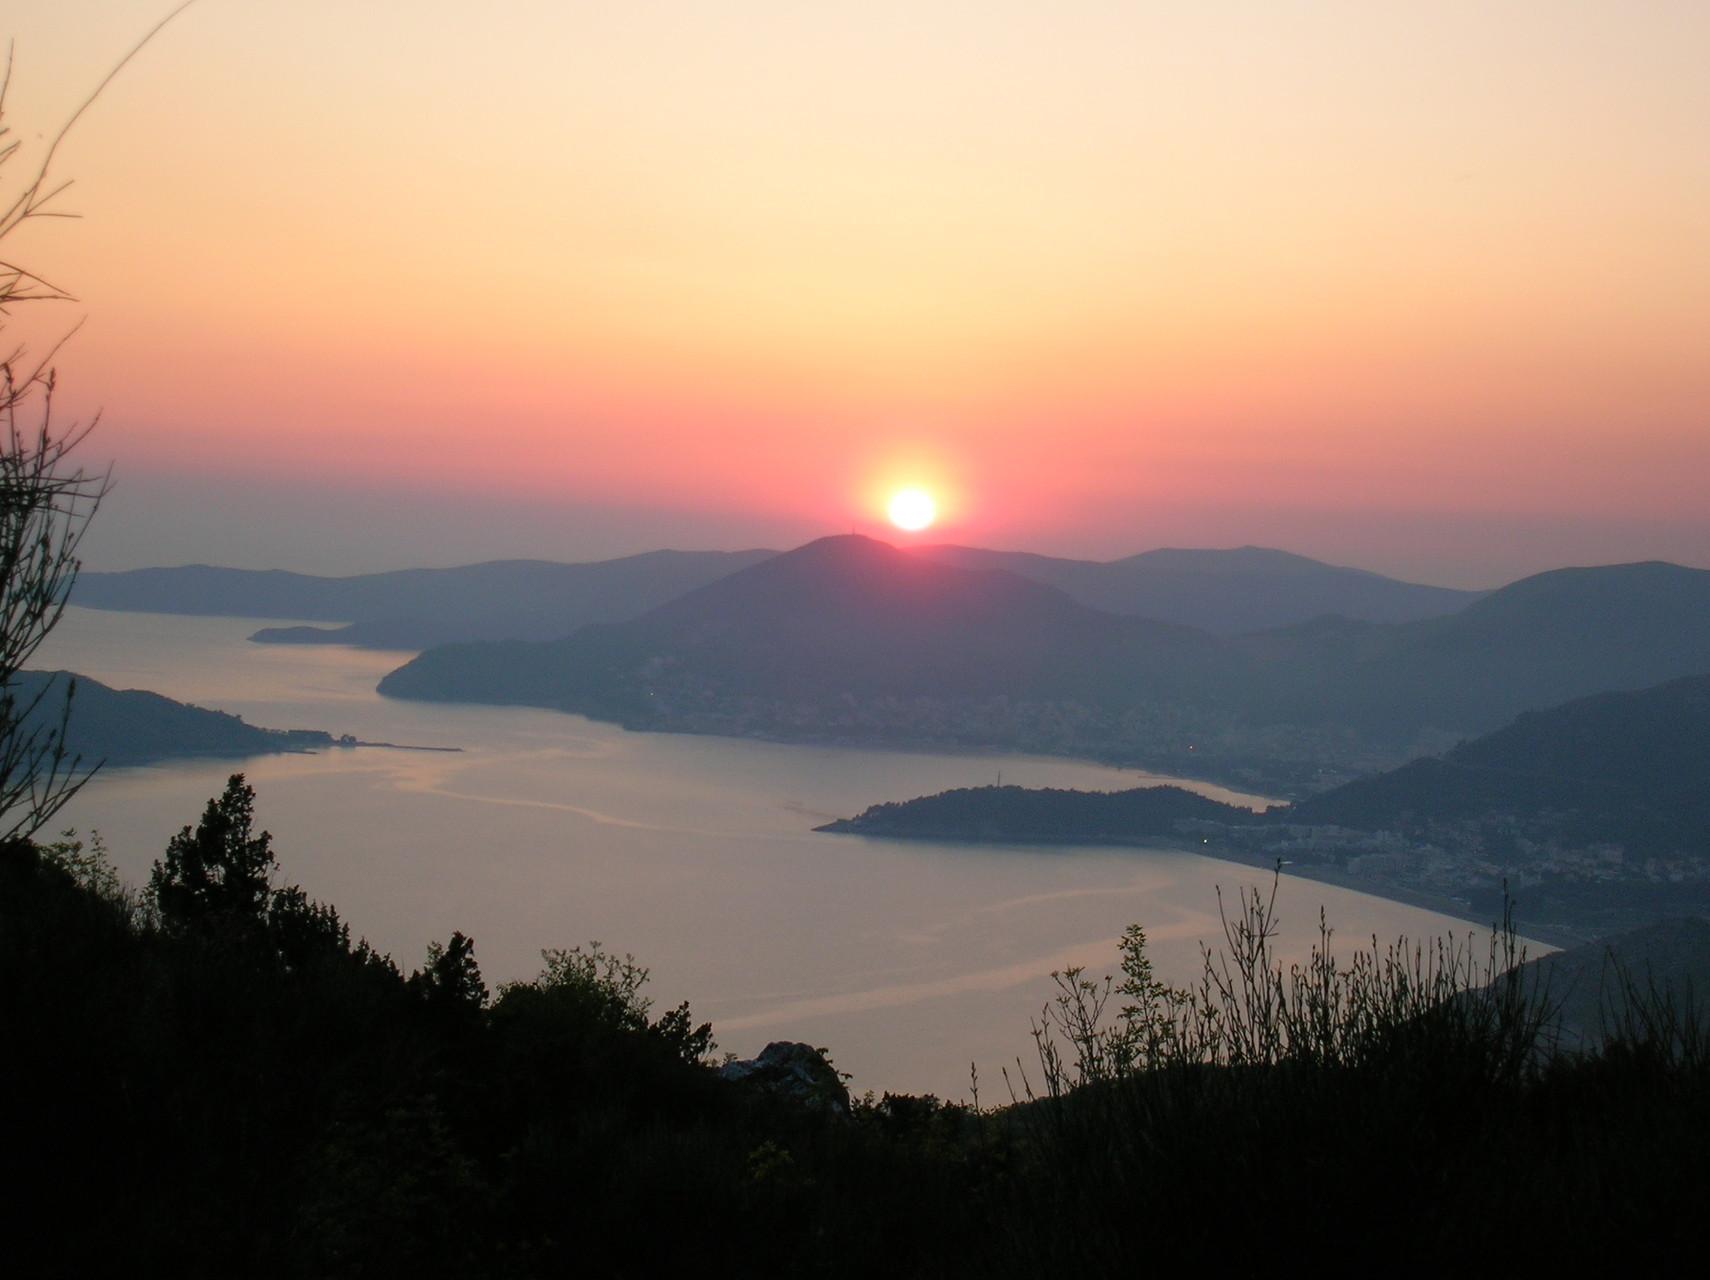 Sonnenuntergang über der Bucht von Kotor